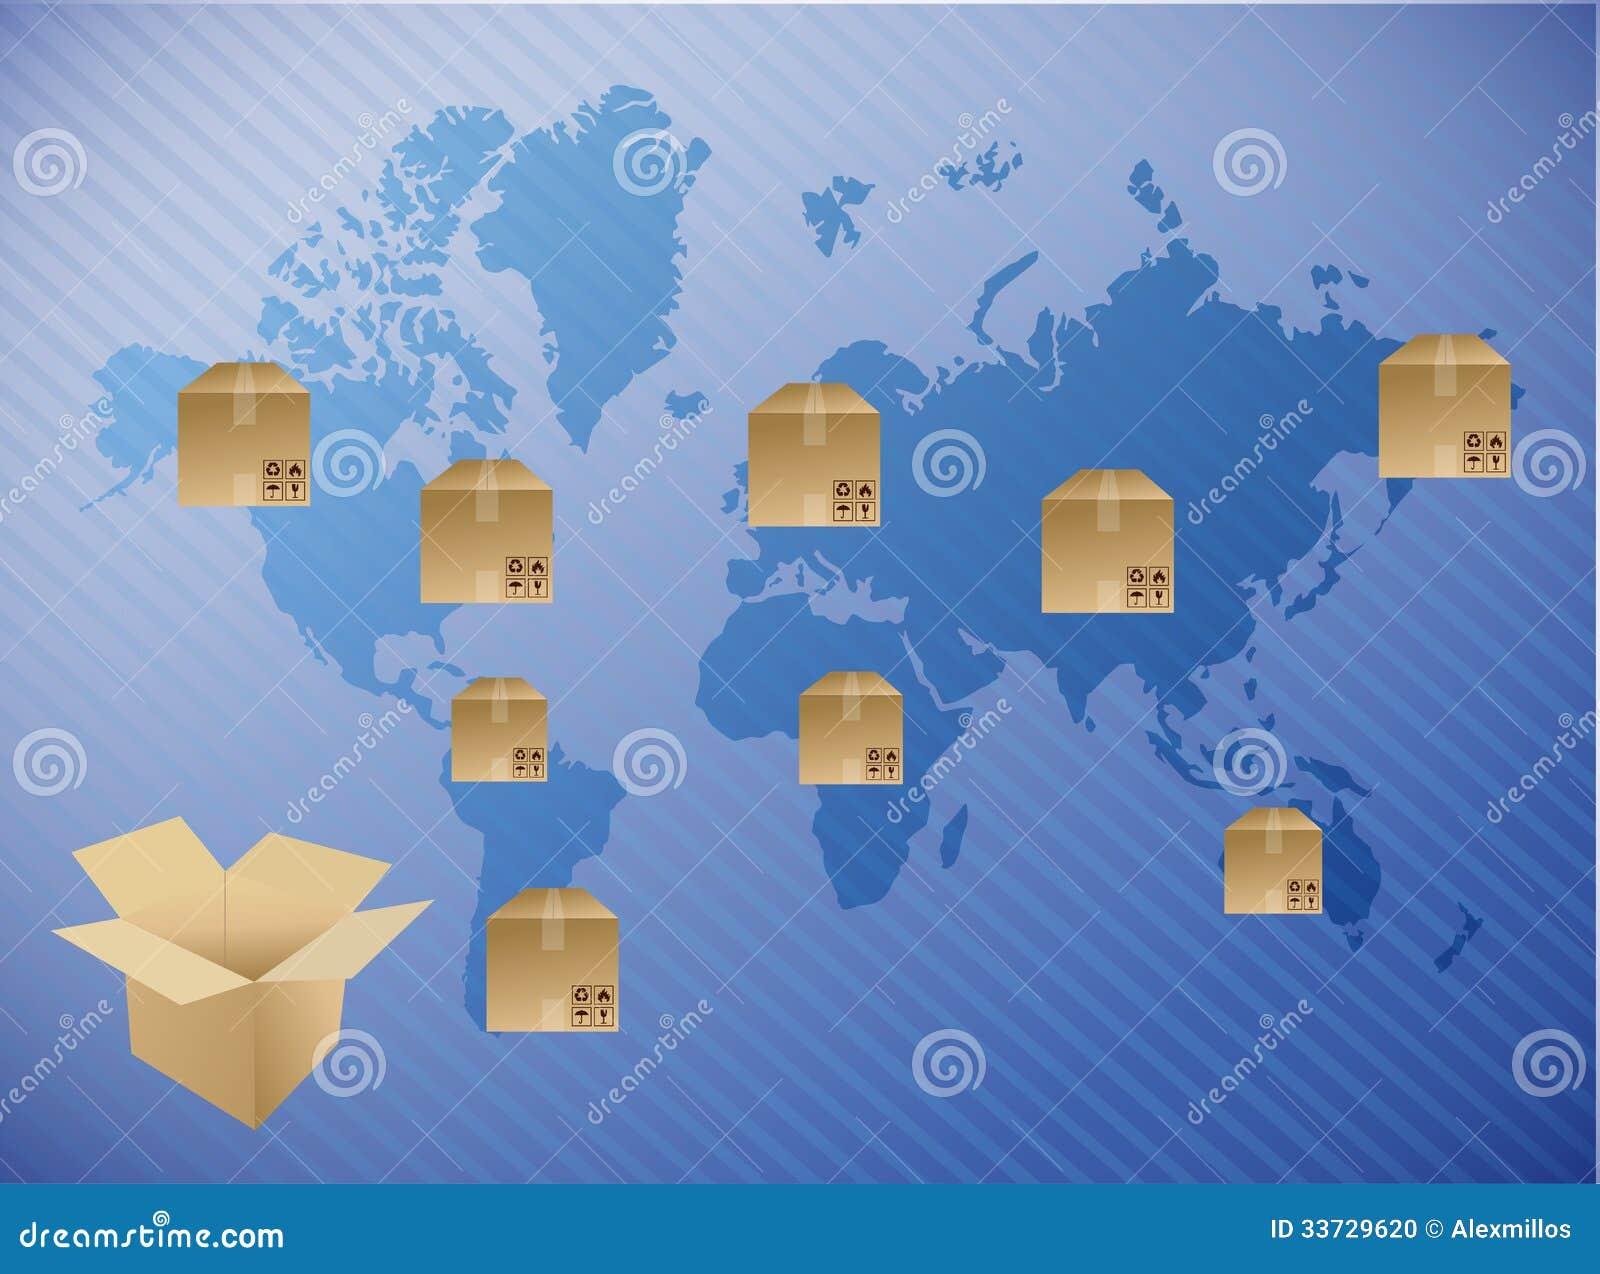 Международный дизайн иллюстрации доставки коробки